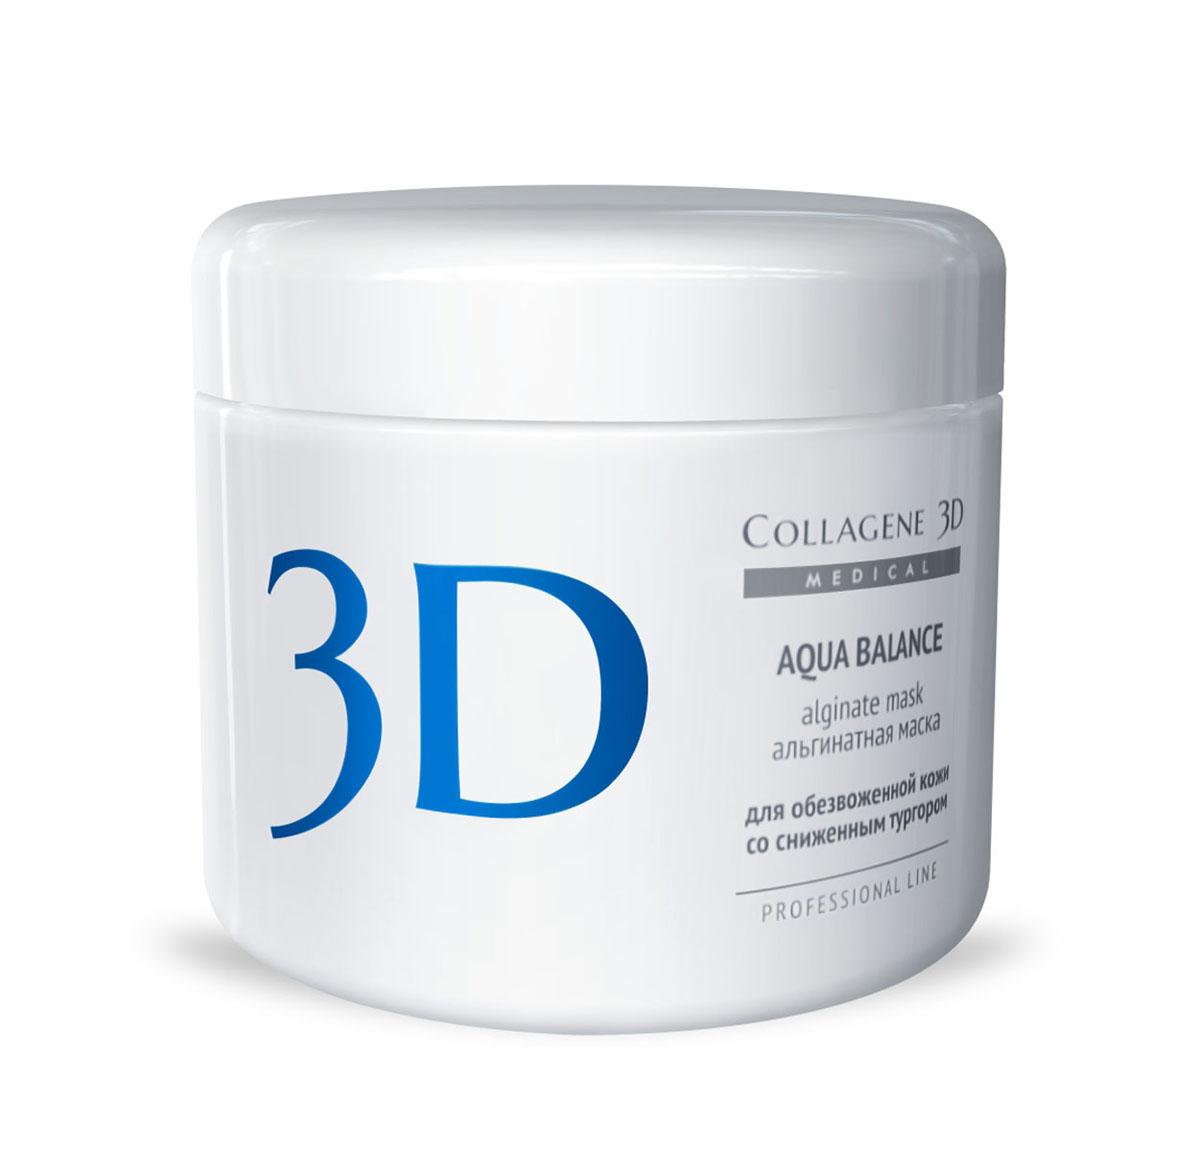 цена на Medical Collagene 3D Альгинатная маска для лица и тела Aqua Balance, 200 г